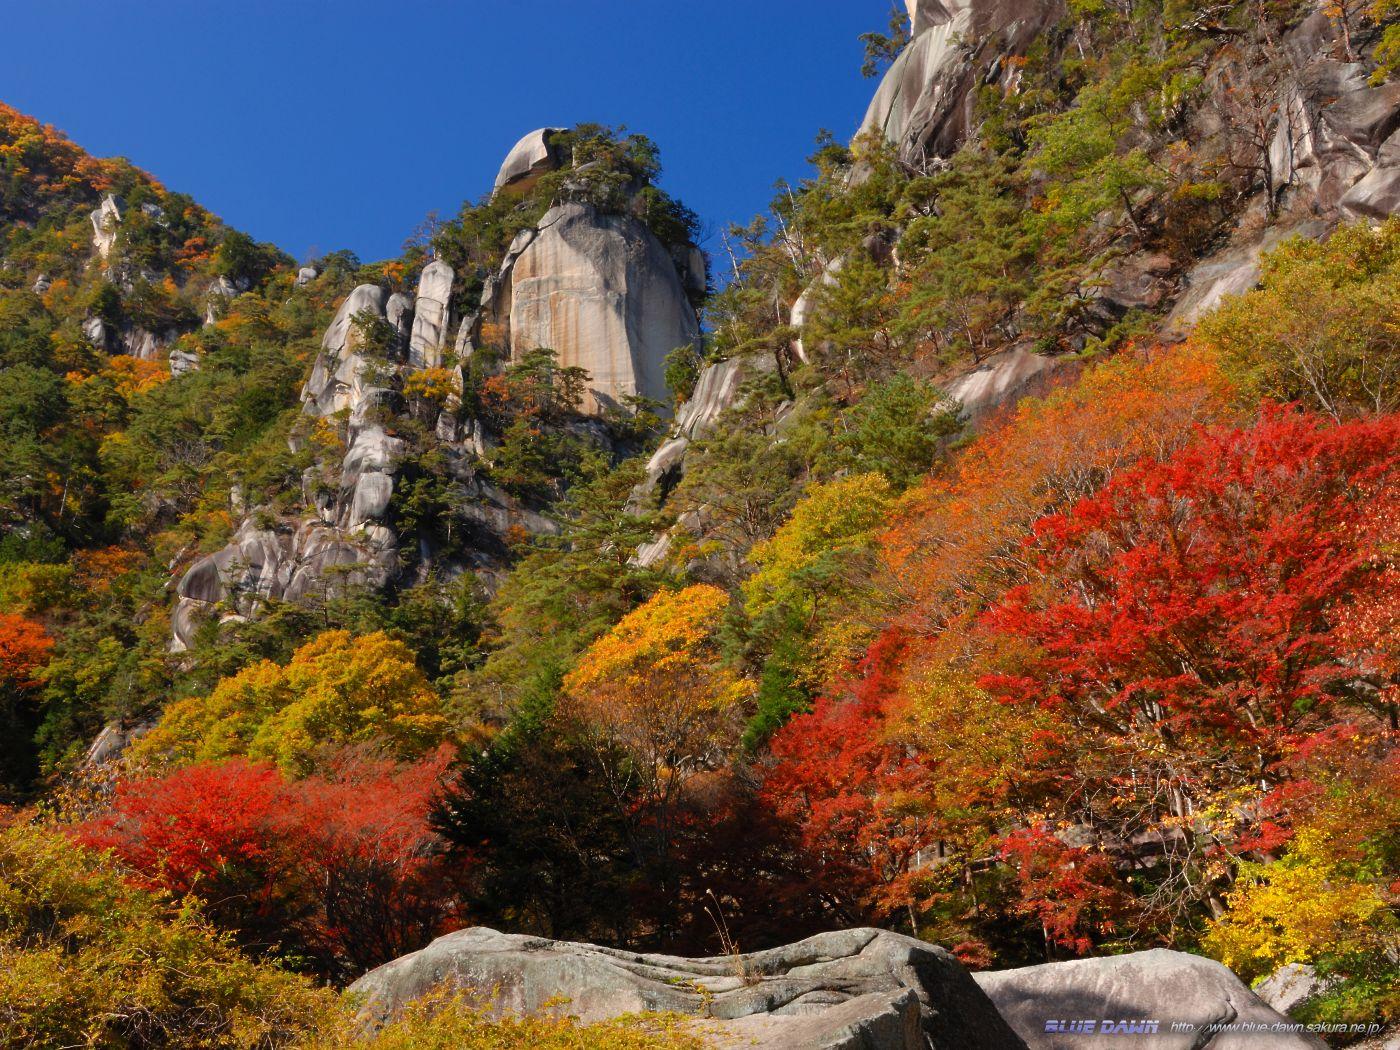 【職場・社員旅行 モデルコース】紅葉の昇仙峡散策と出来立ての高原スイーツを堪能できる2日間